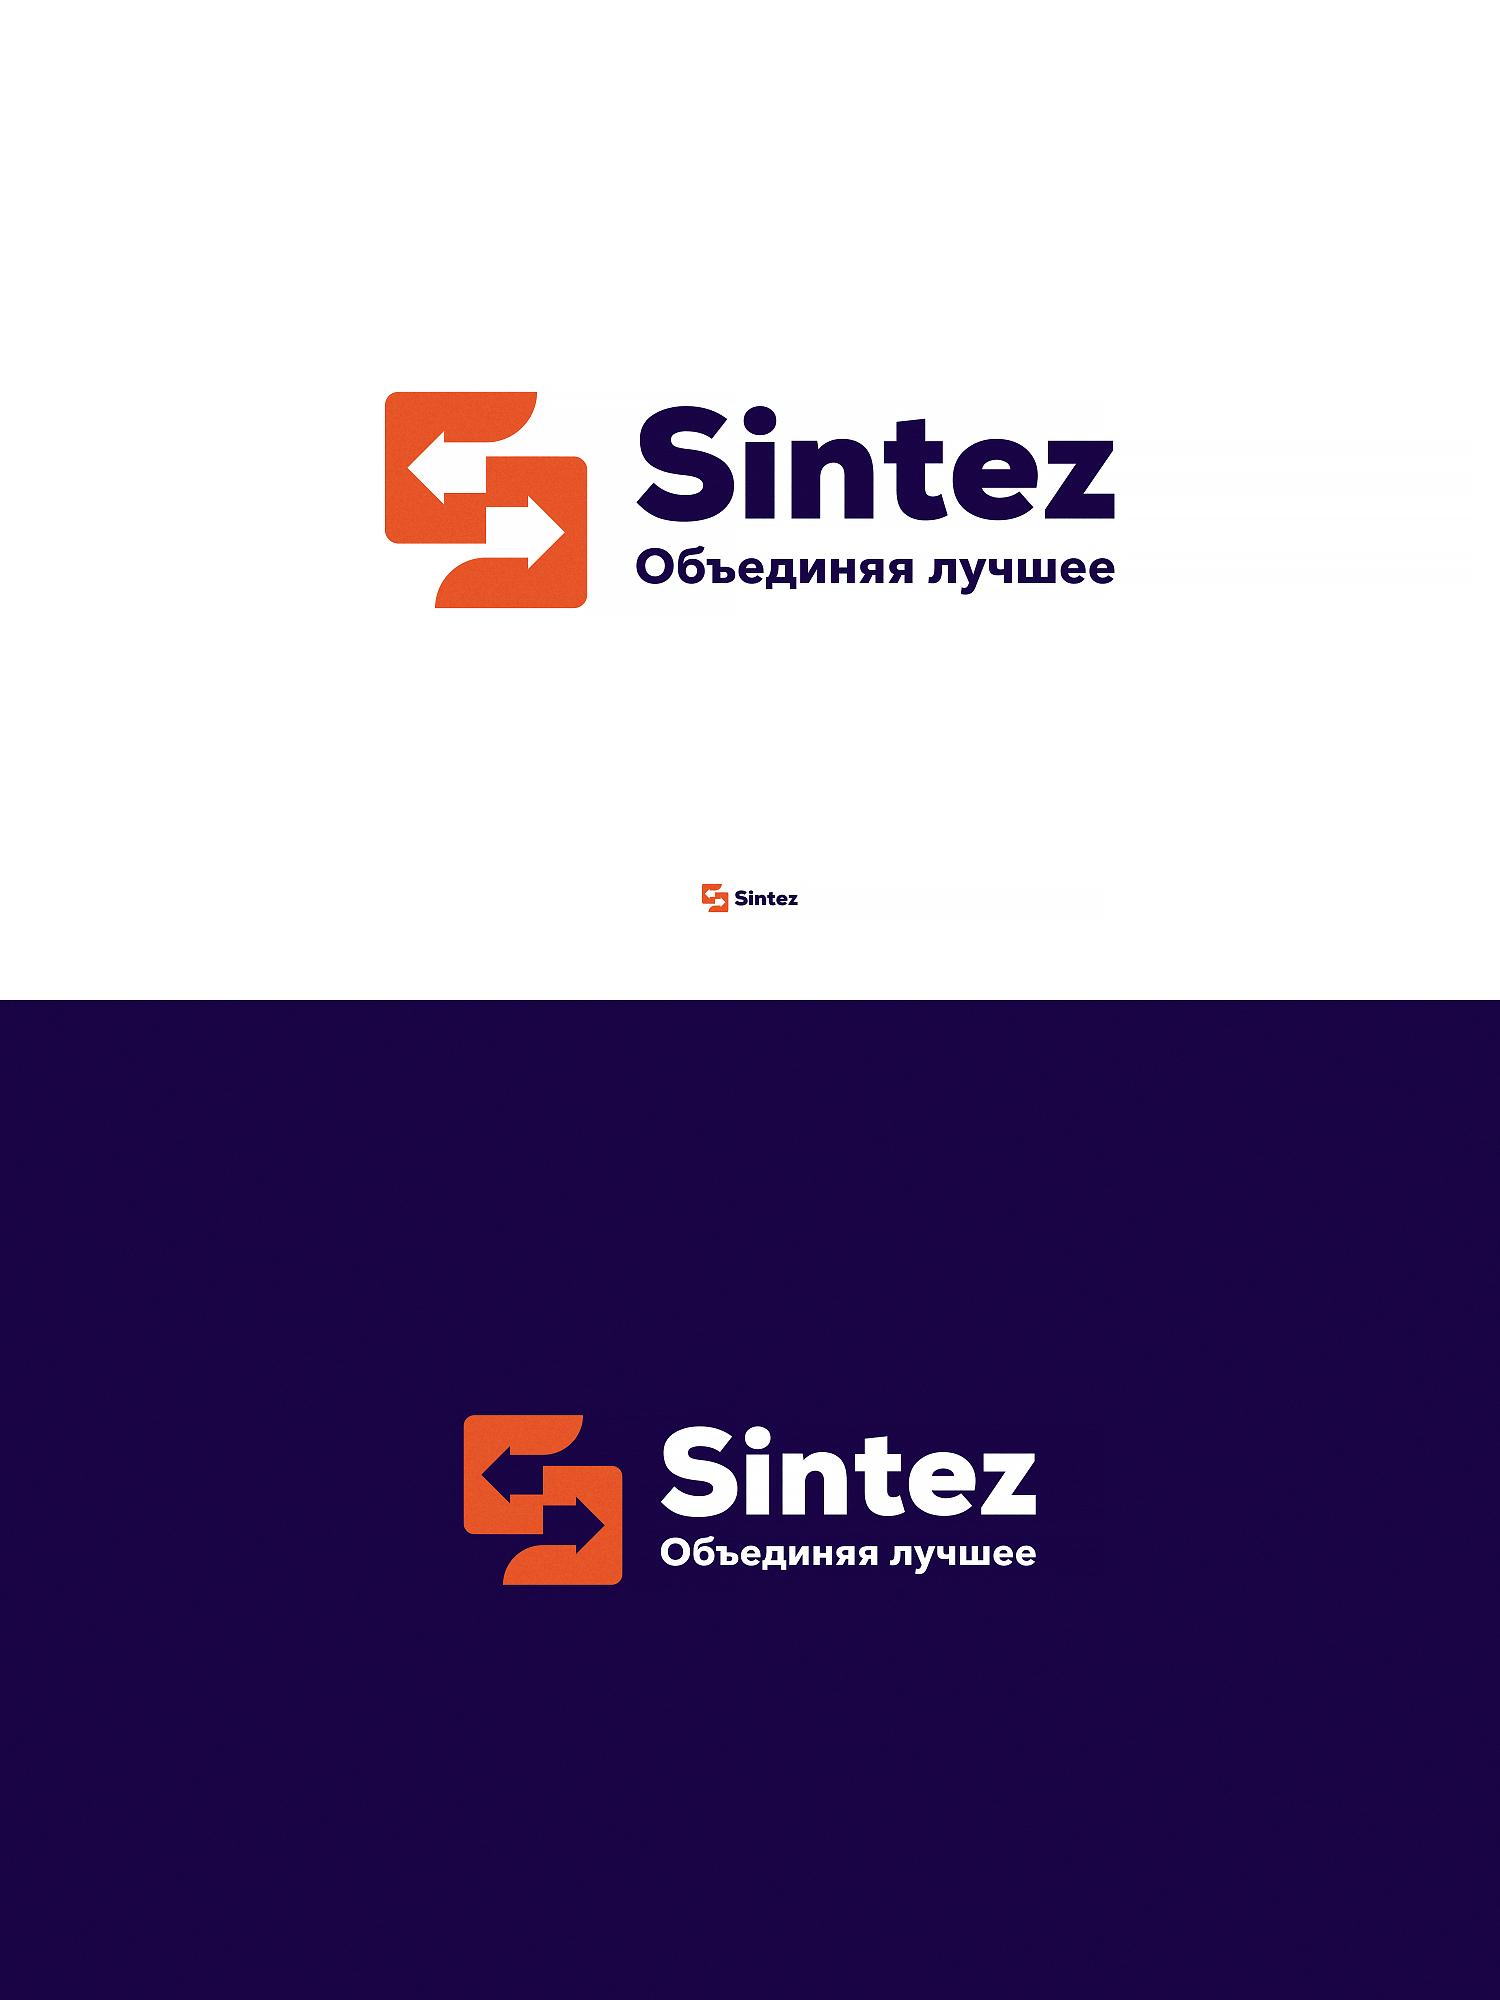 Разрабтка логотипа компании и фирменного шрифта фото f_4025f6268d36308c.jpg